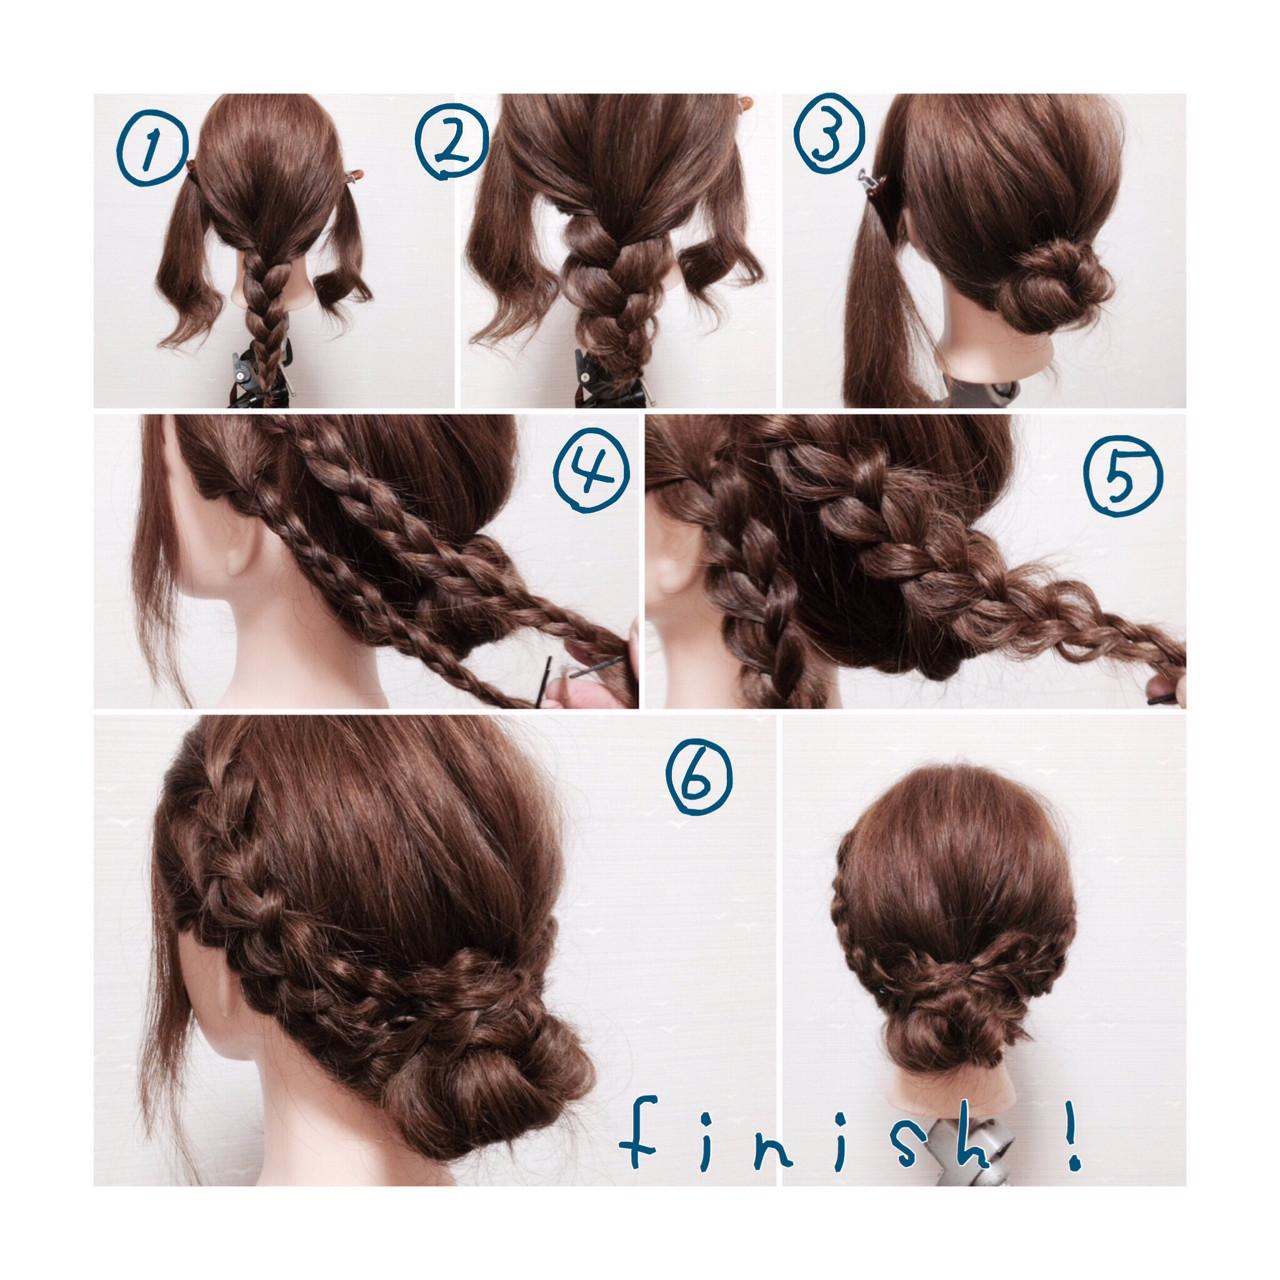 ショート お団子 ヘアアレンジ 三つ編み ヘアスタイルや髪型の写真・画像